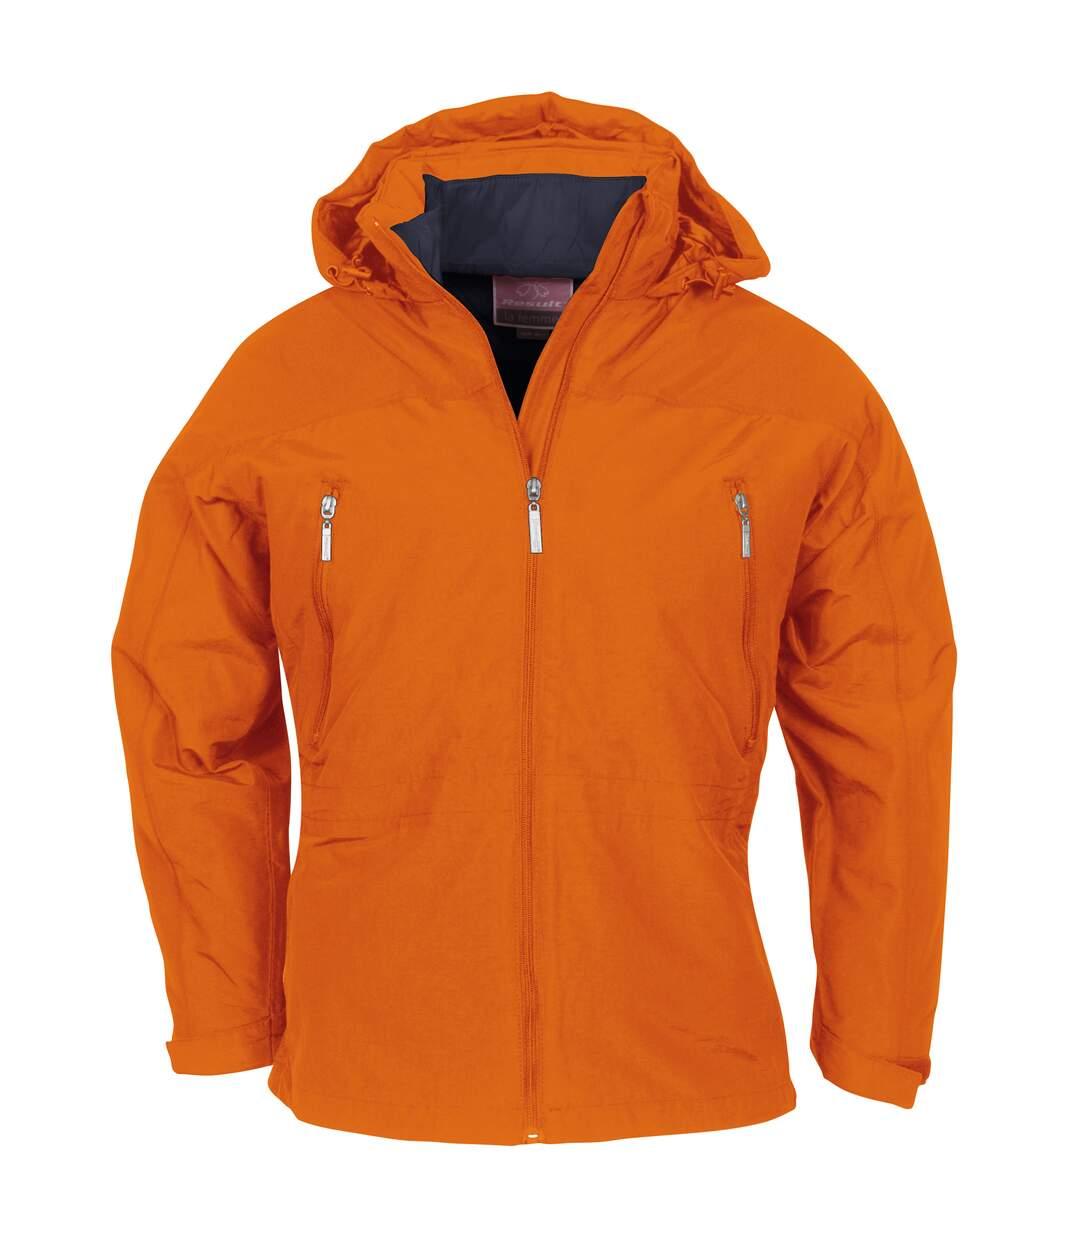 Result Womens/Ladies La Femme® Waterproof & Breathable 3-in-1 Performance Jacket (Tangerine Outer/ Navy Inner) - UTRW3236